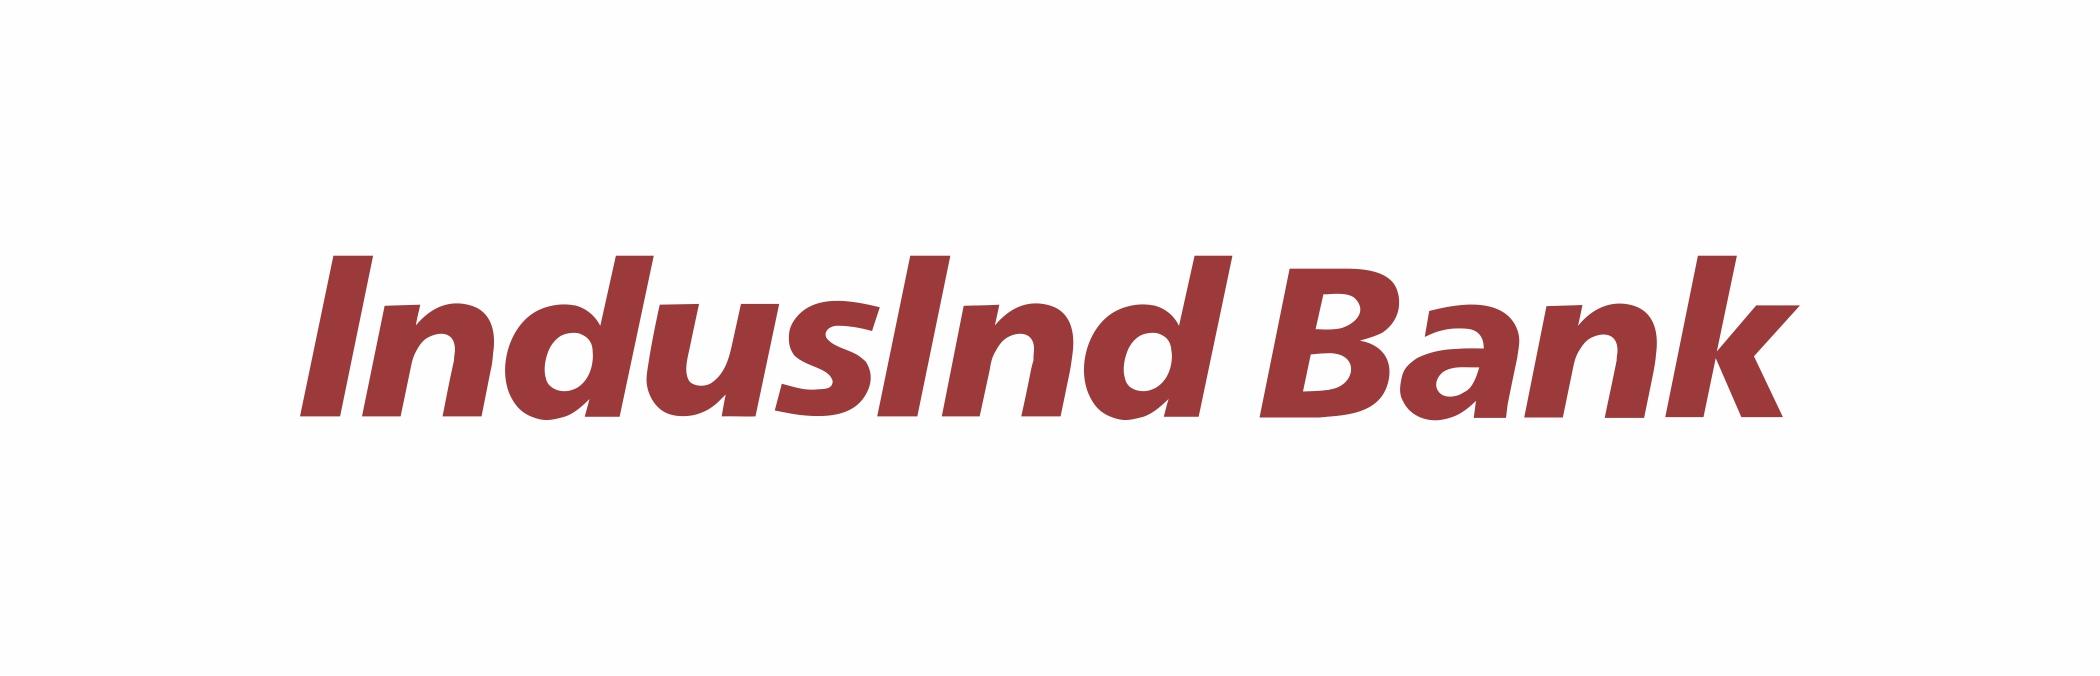 IndusInd Bank,Anna Nagar-Chennai - logo